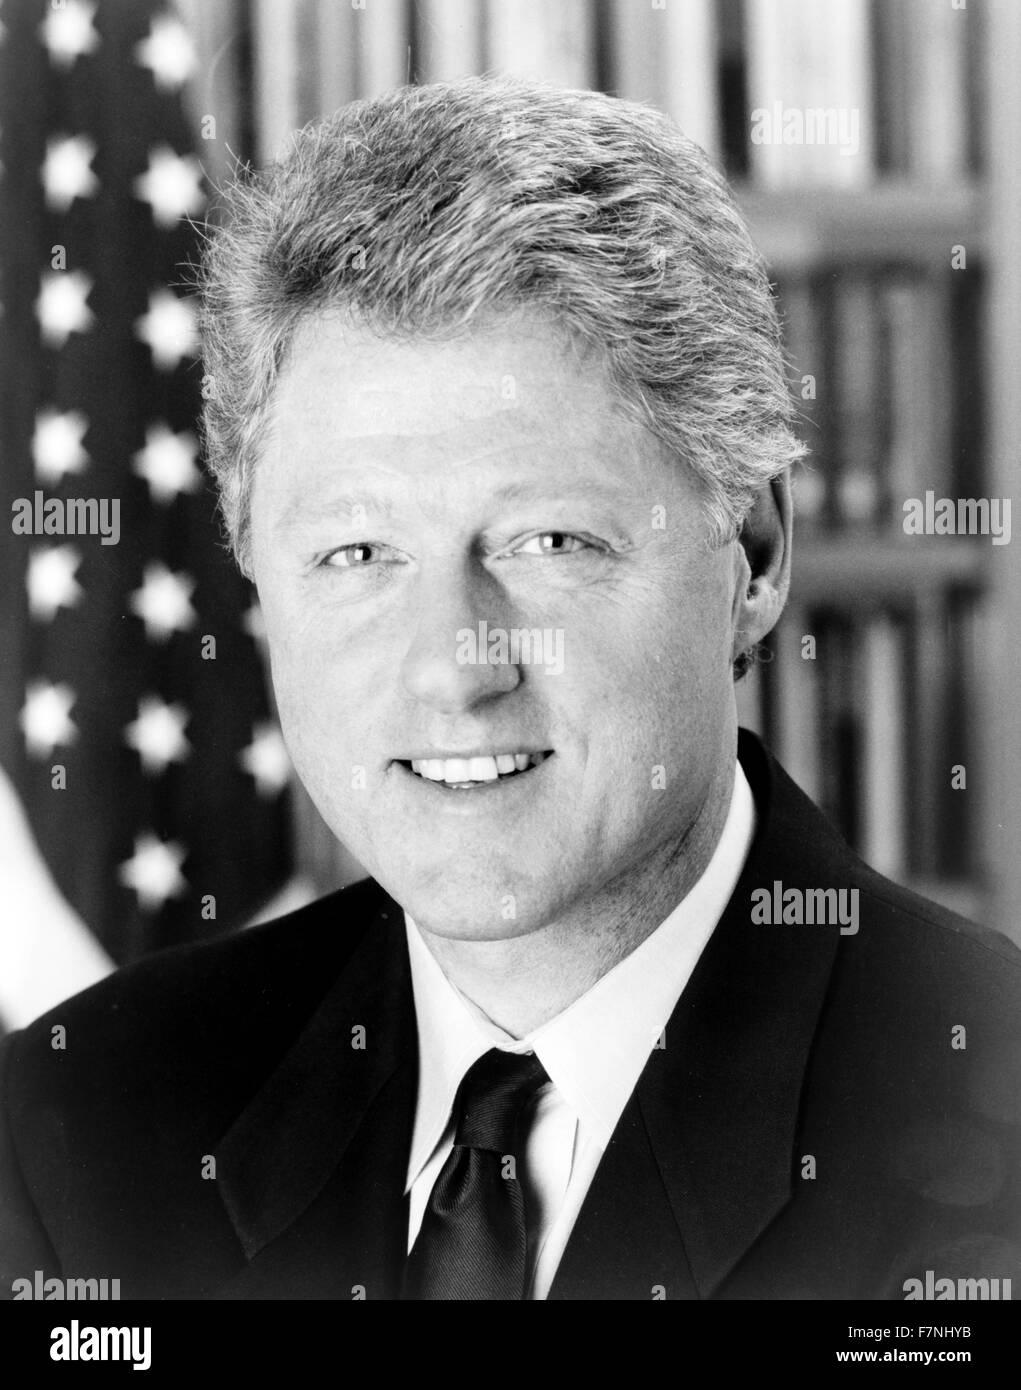 """William Jefferson """"Bill"""" Clinton (geb. 1946), US-amerikanischer Politiker und zwischen 1993 bis 2001 Präsident Stockbild"""